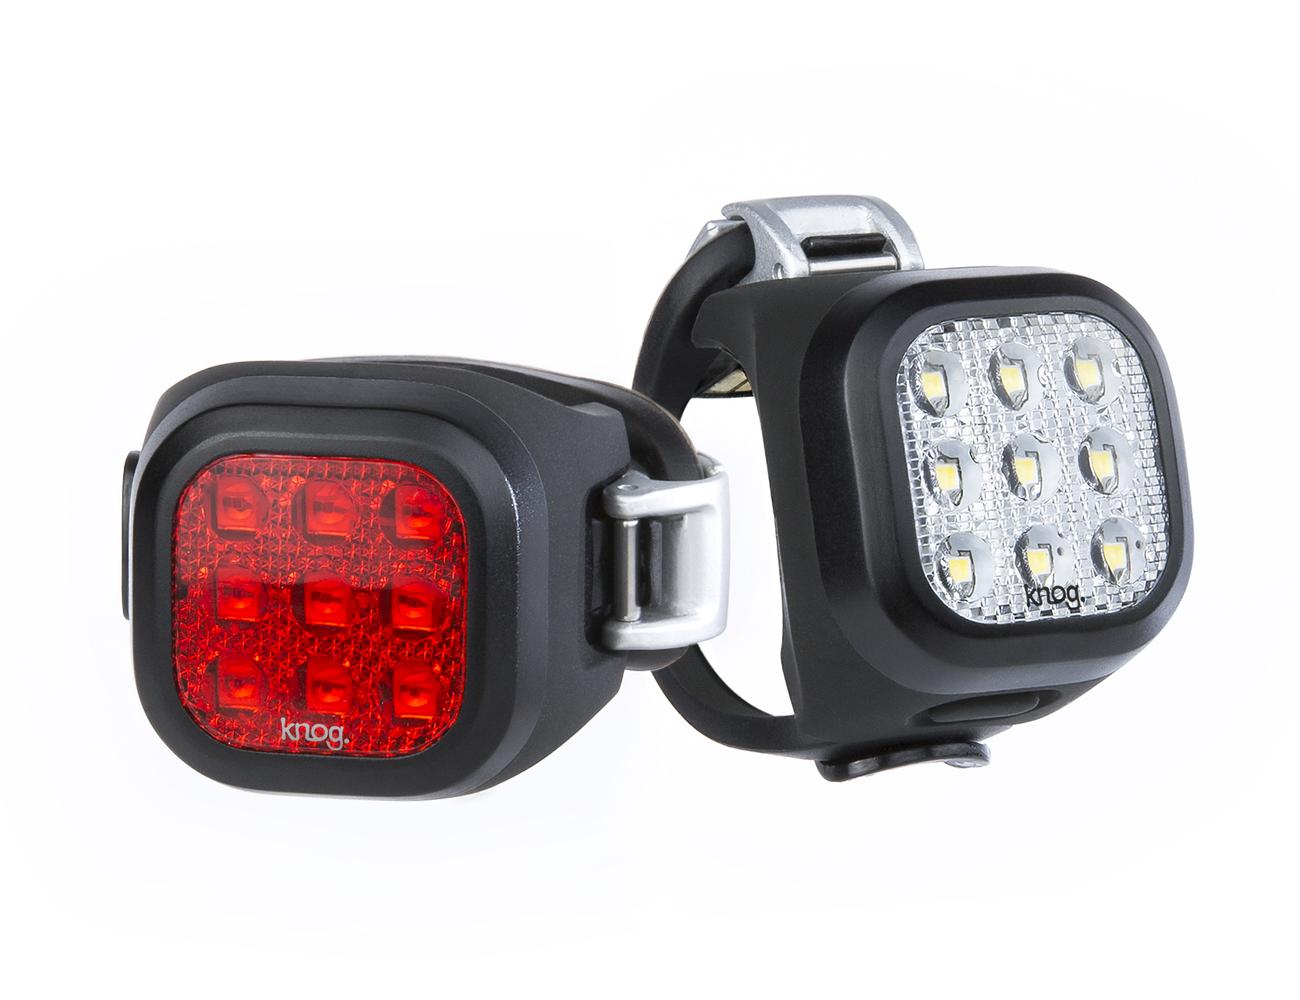 Knog Světlo Blinder Mini Twinpack set přední a zadní světlo Blinder Mini Niner Twinpack